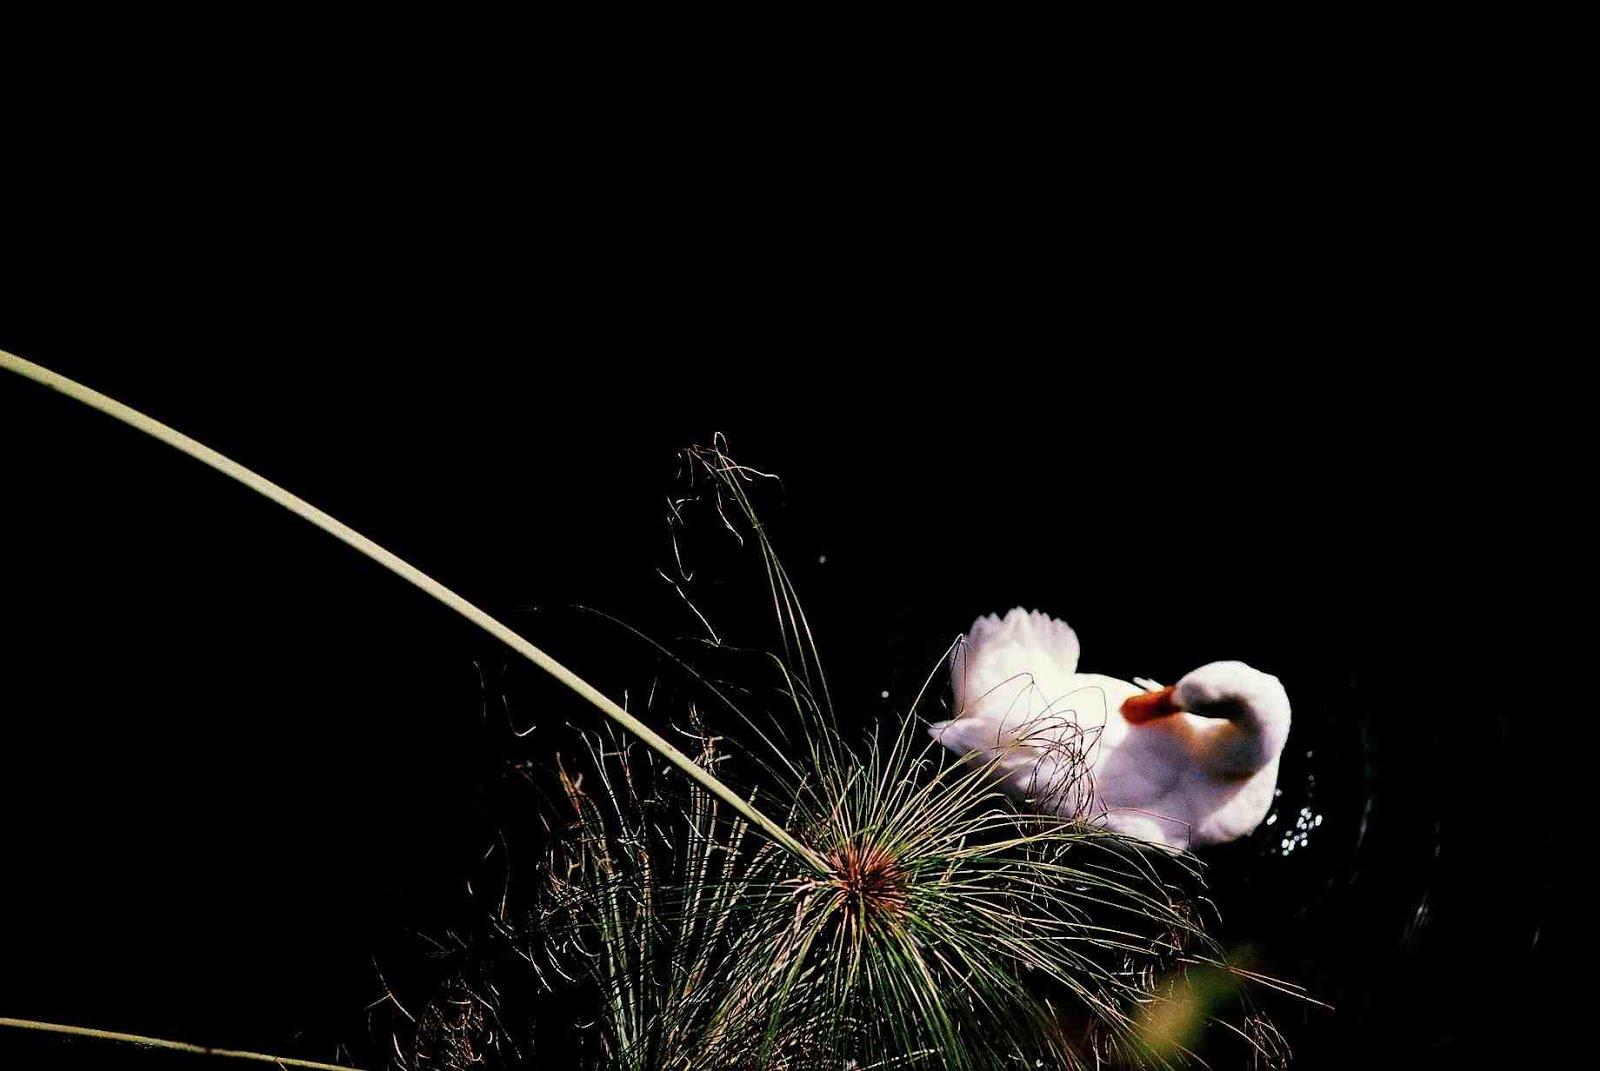 Naumachie solitarie - Poesie